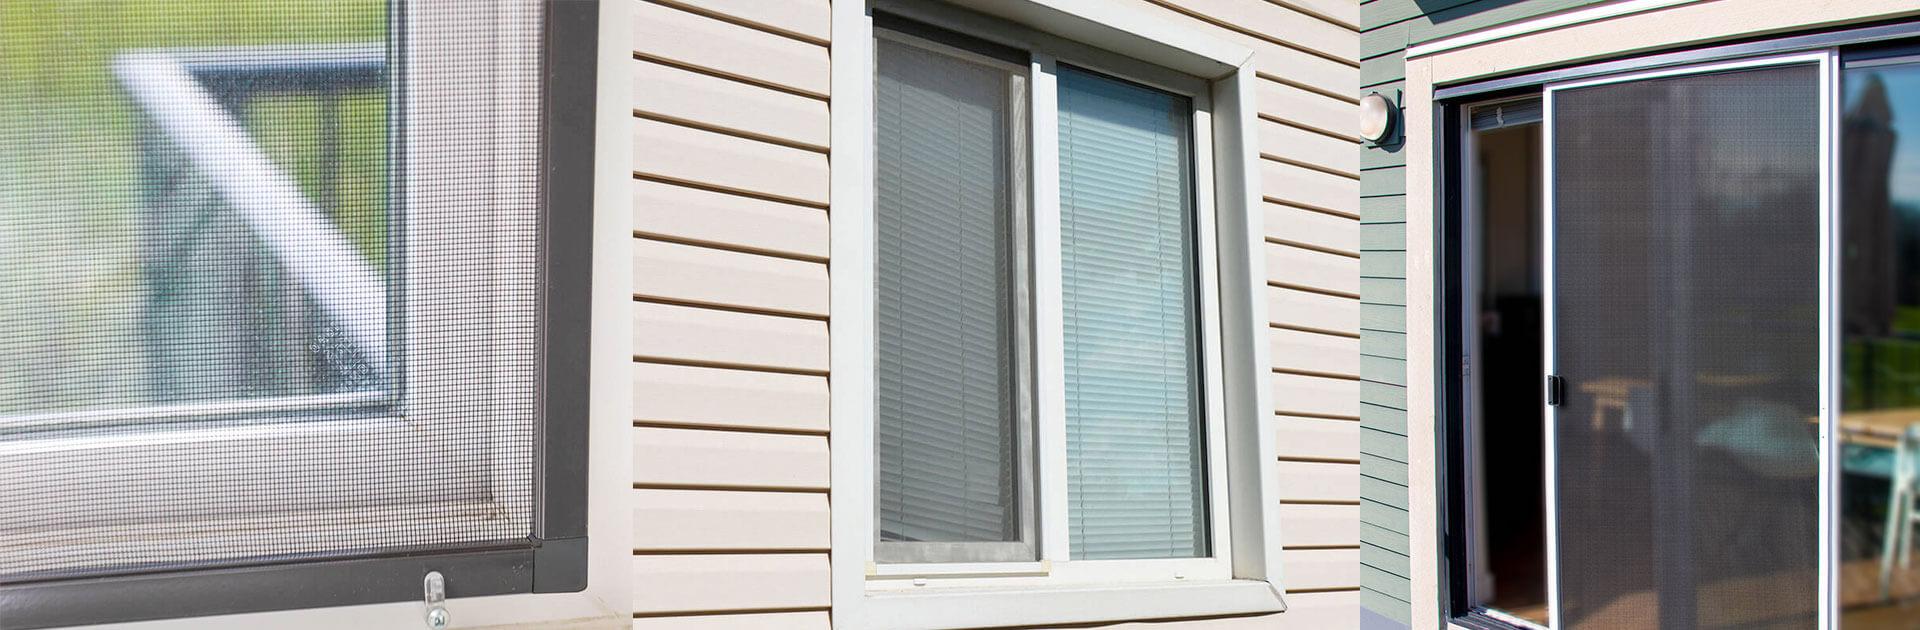 window-door-screening-banner-1